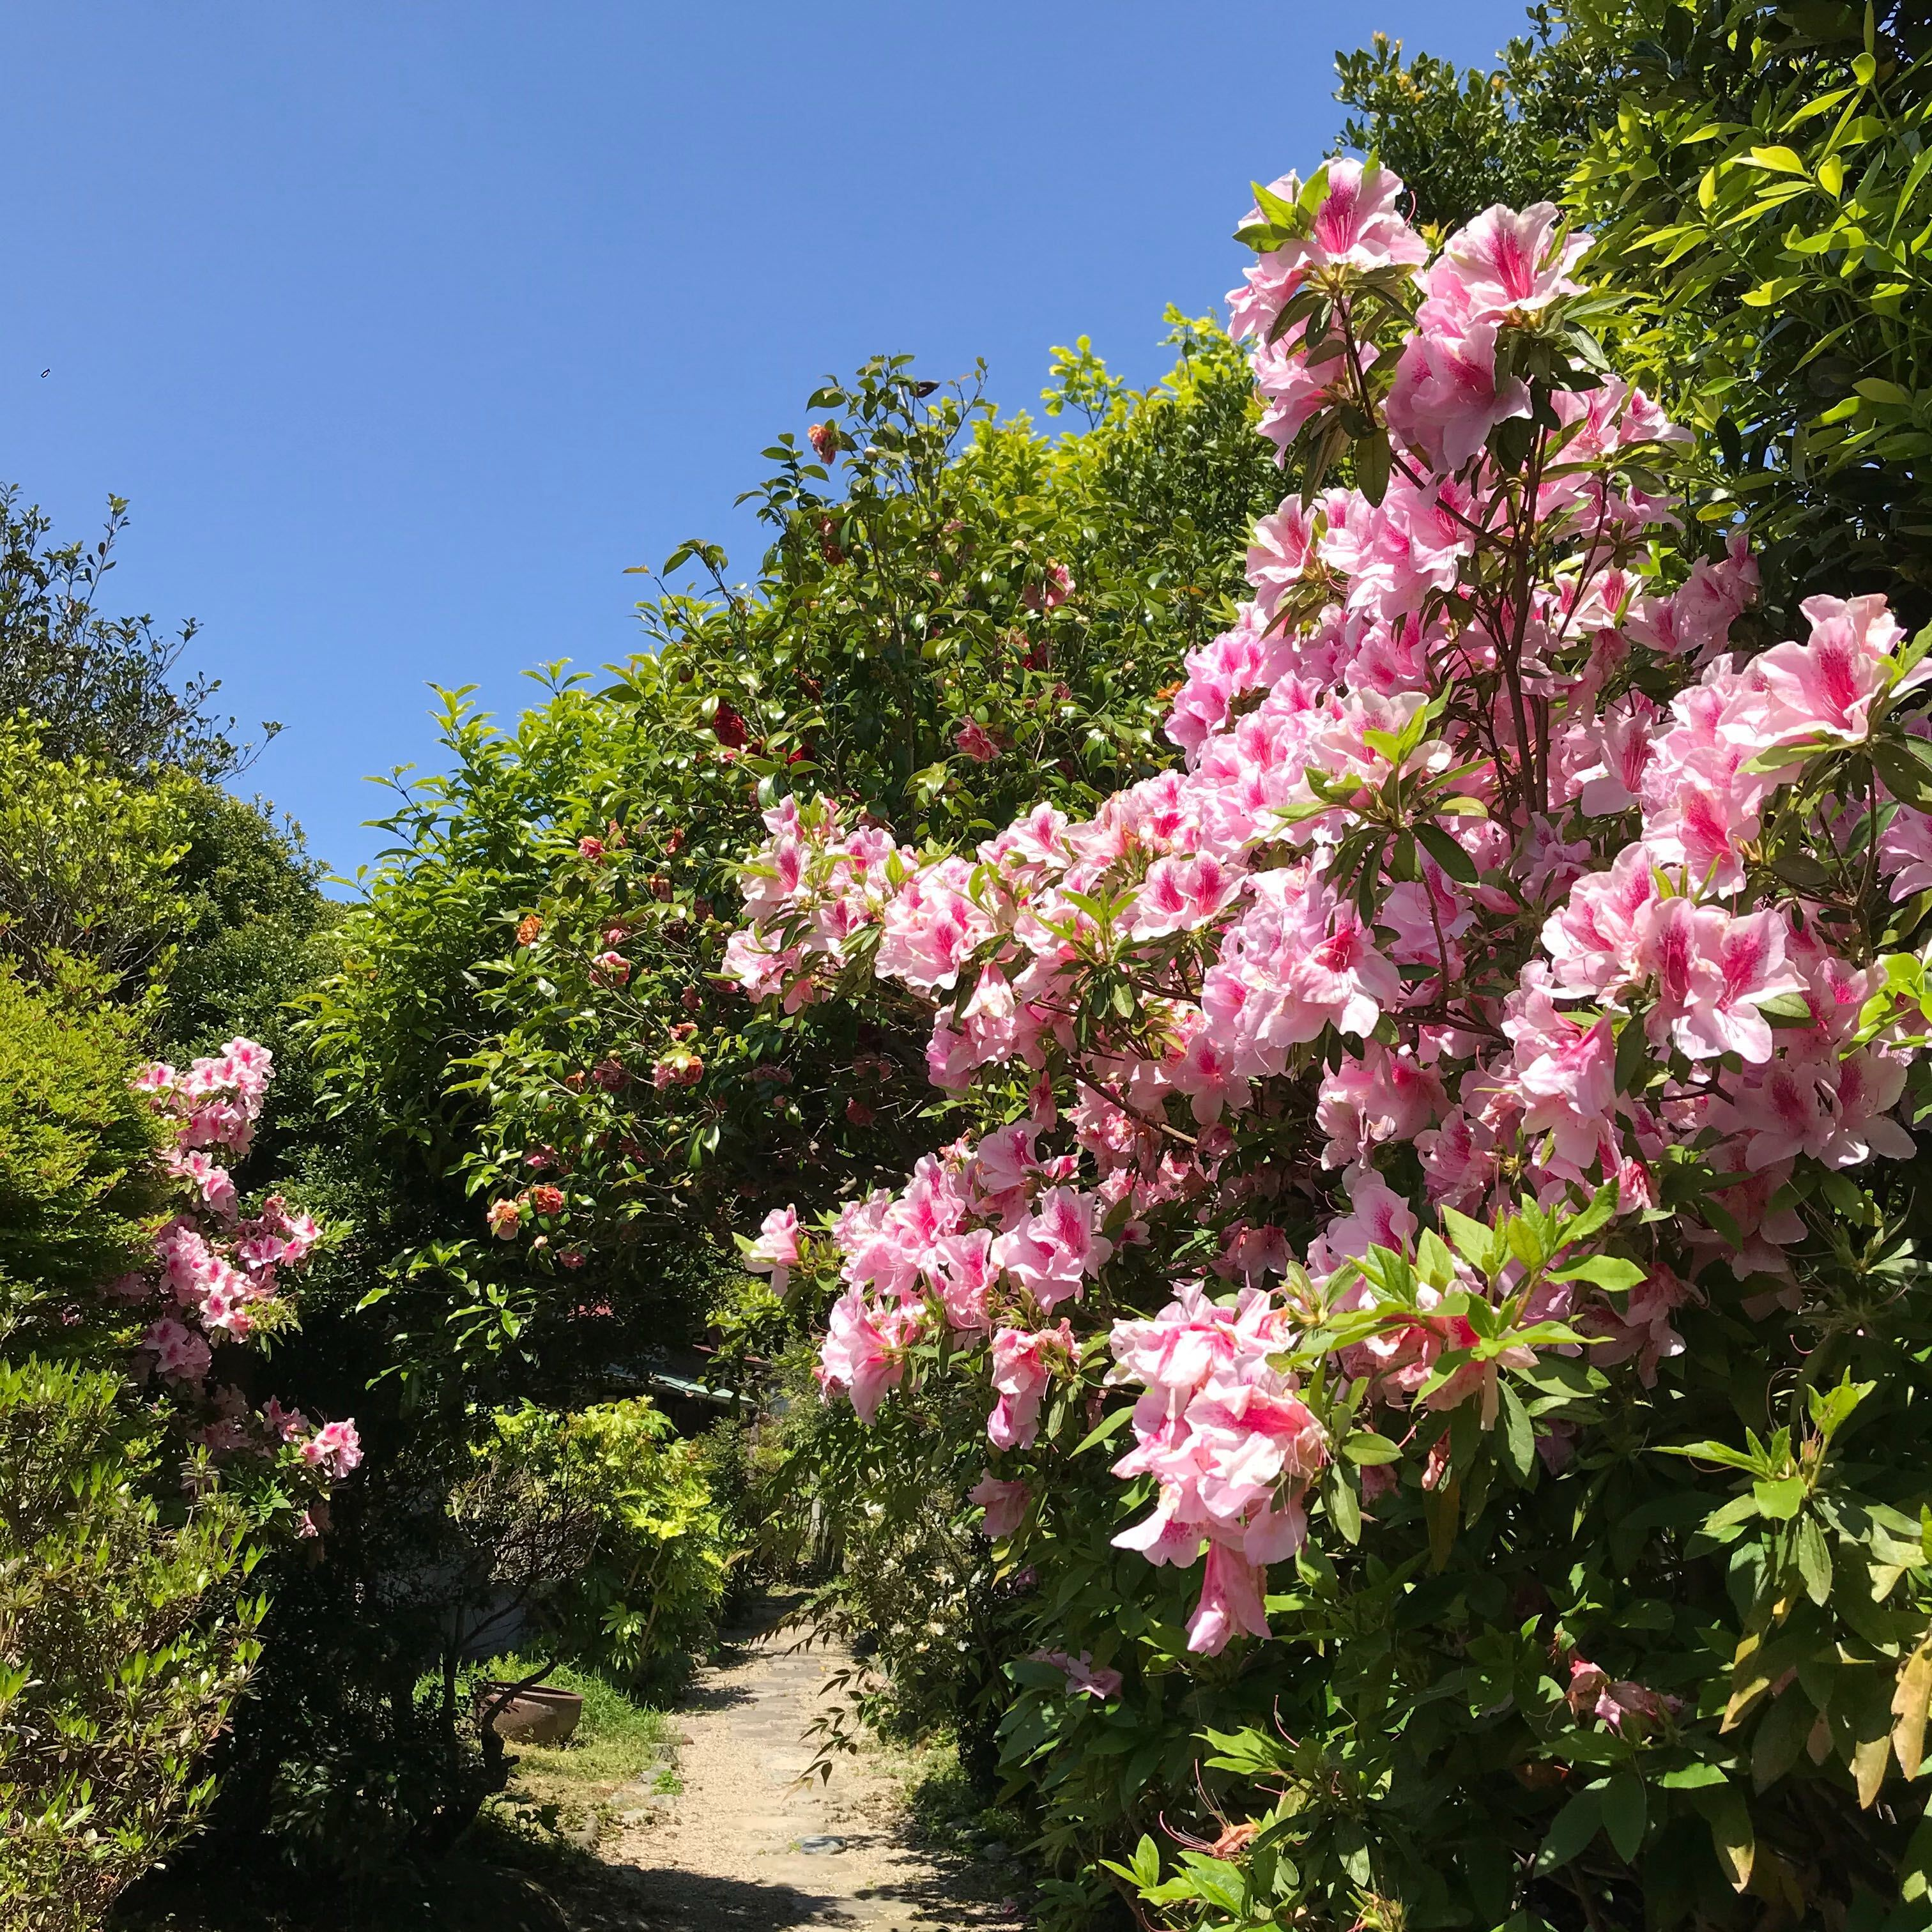 【施設運営レポート】ツツジ咲く葉山の春